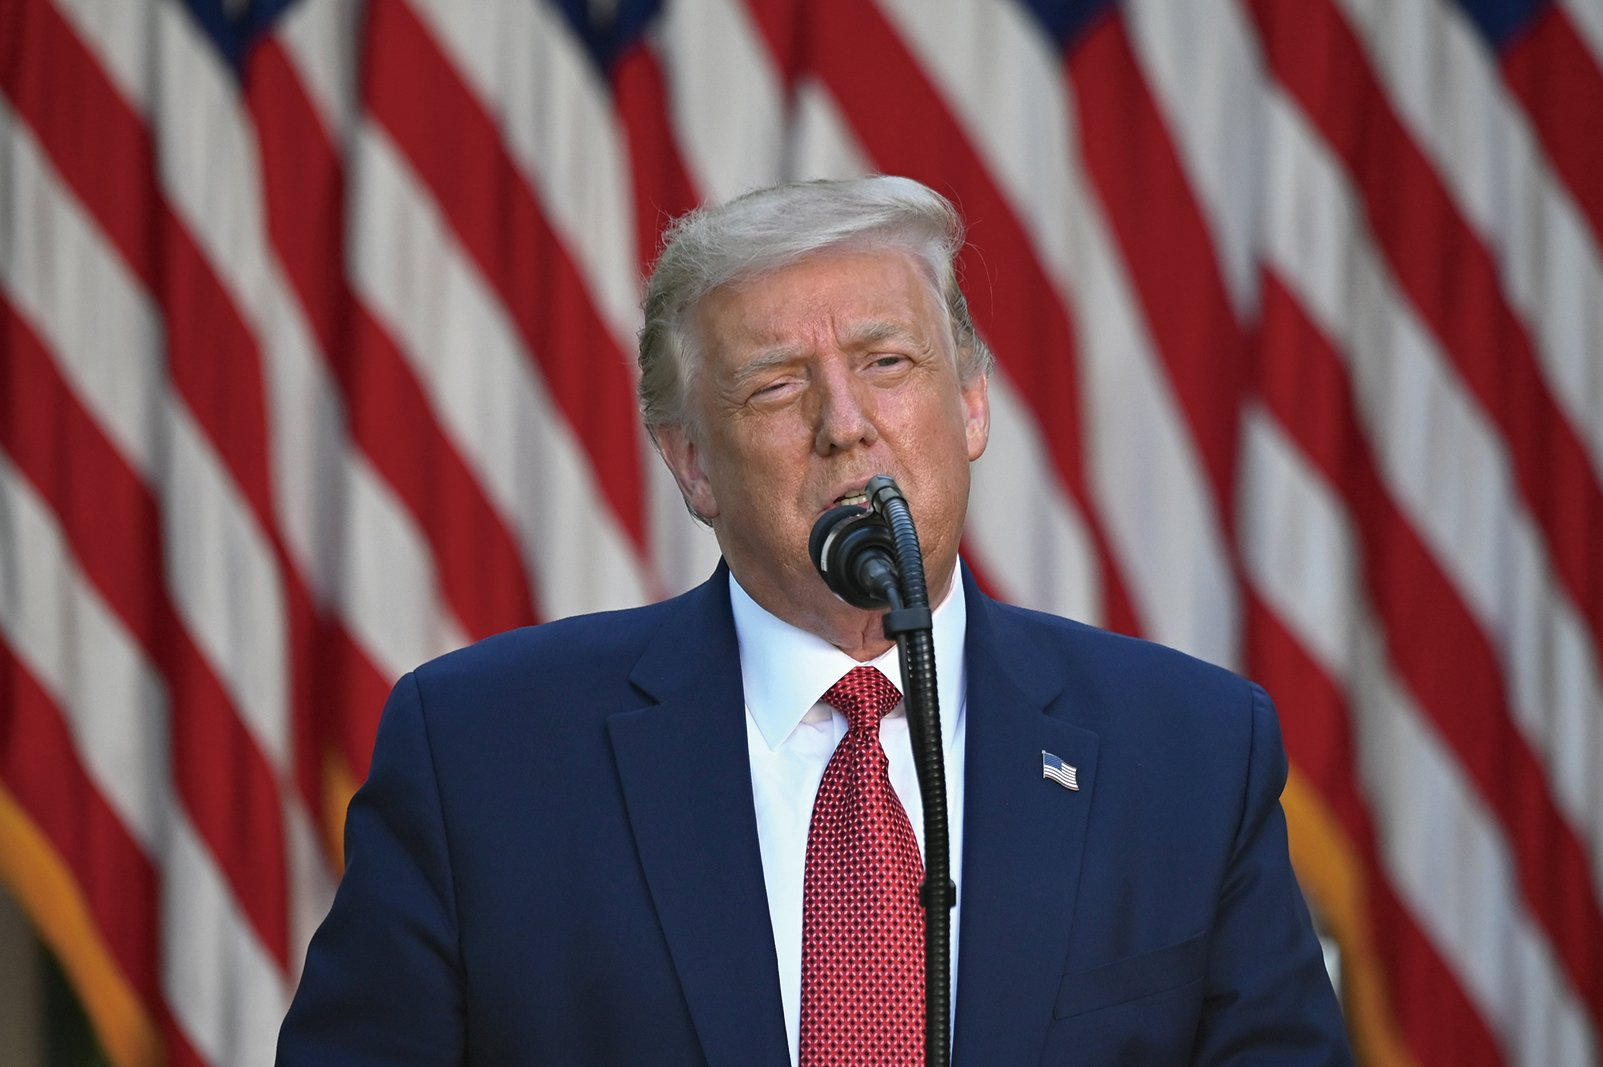 美國總統特朗普2020年7月14日下午5時30分在白宮玫瑰園舉行跟中國相關的主題新聞會。(AFP)